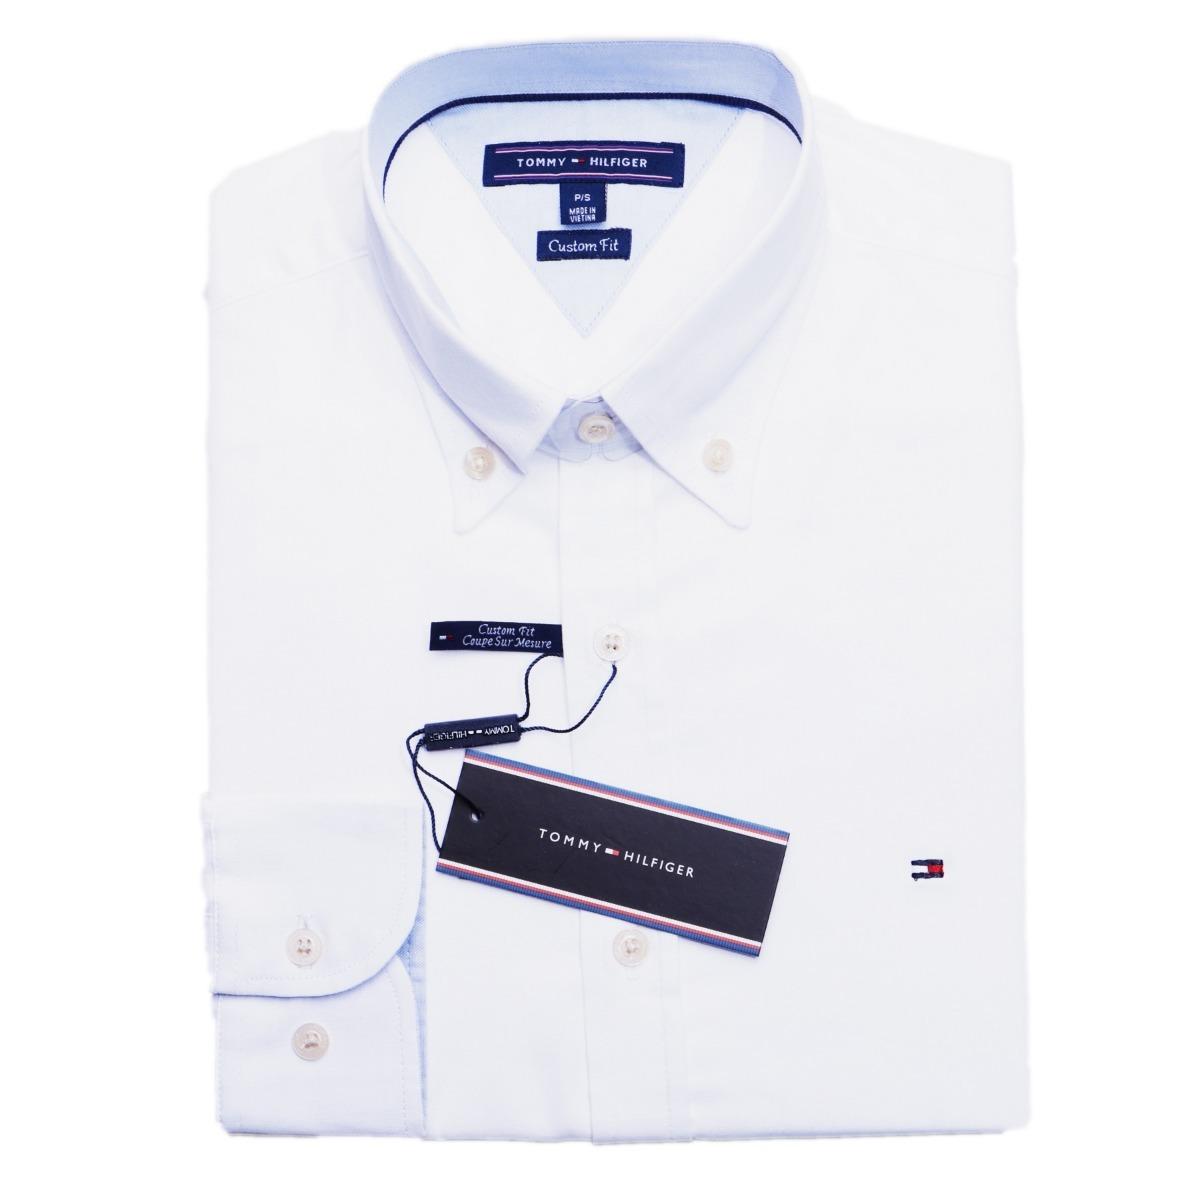 camisa social tommy hilfiger masc custom fit branca original. Carregando  zoom. cbd3c1c7c679e